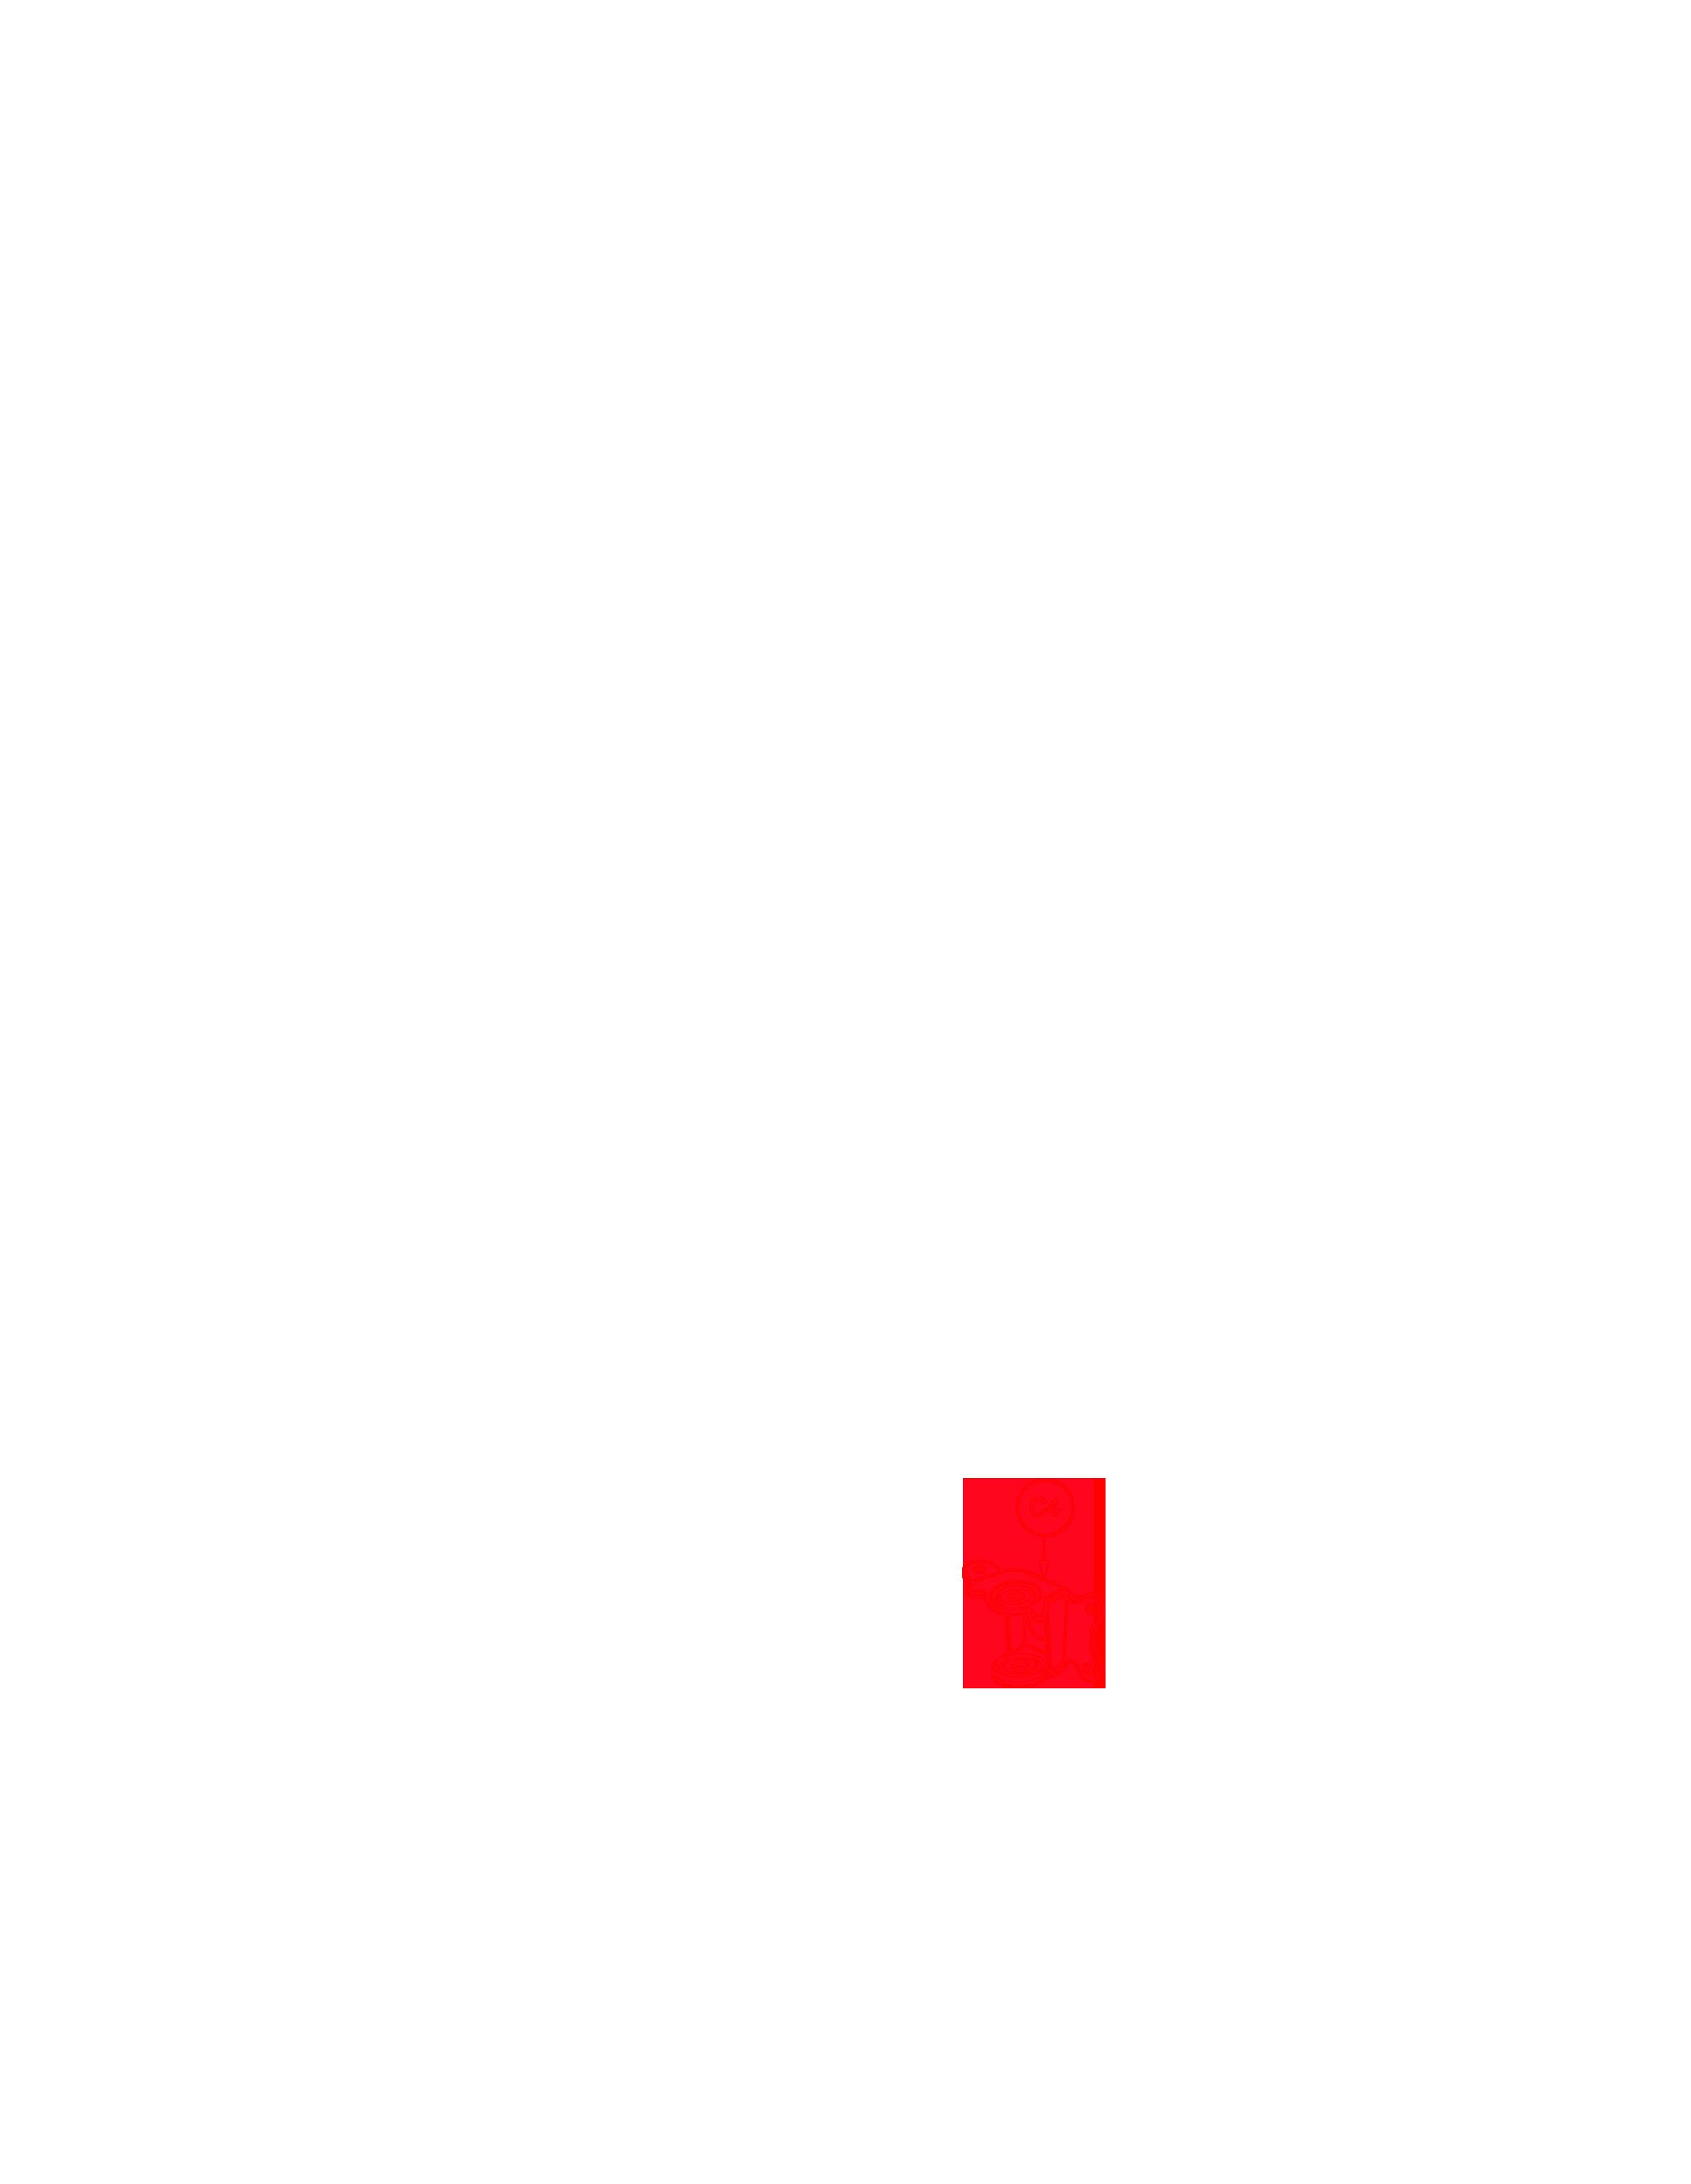 Schenkel